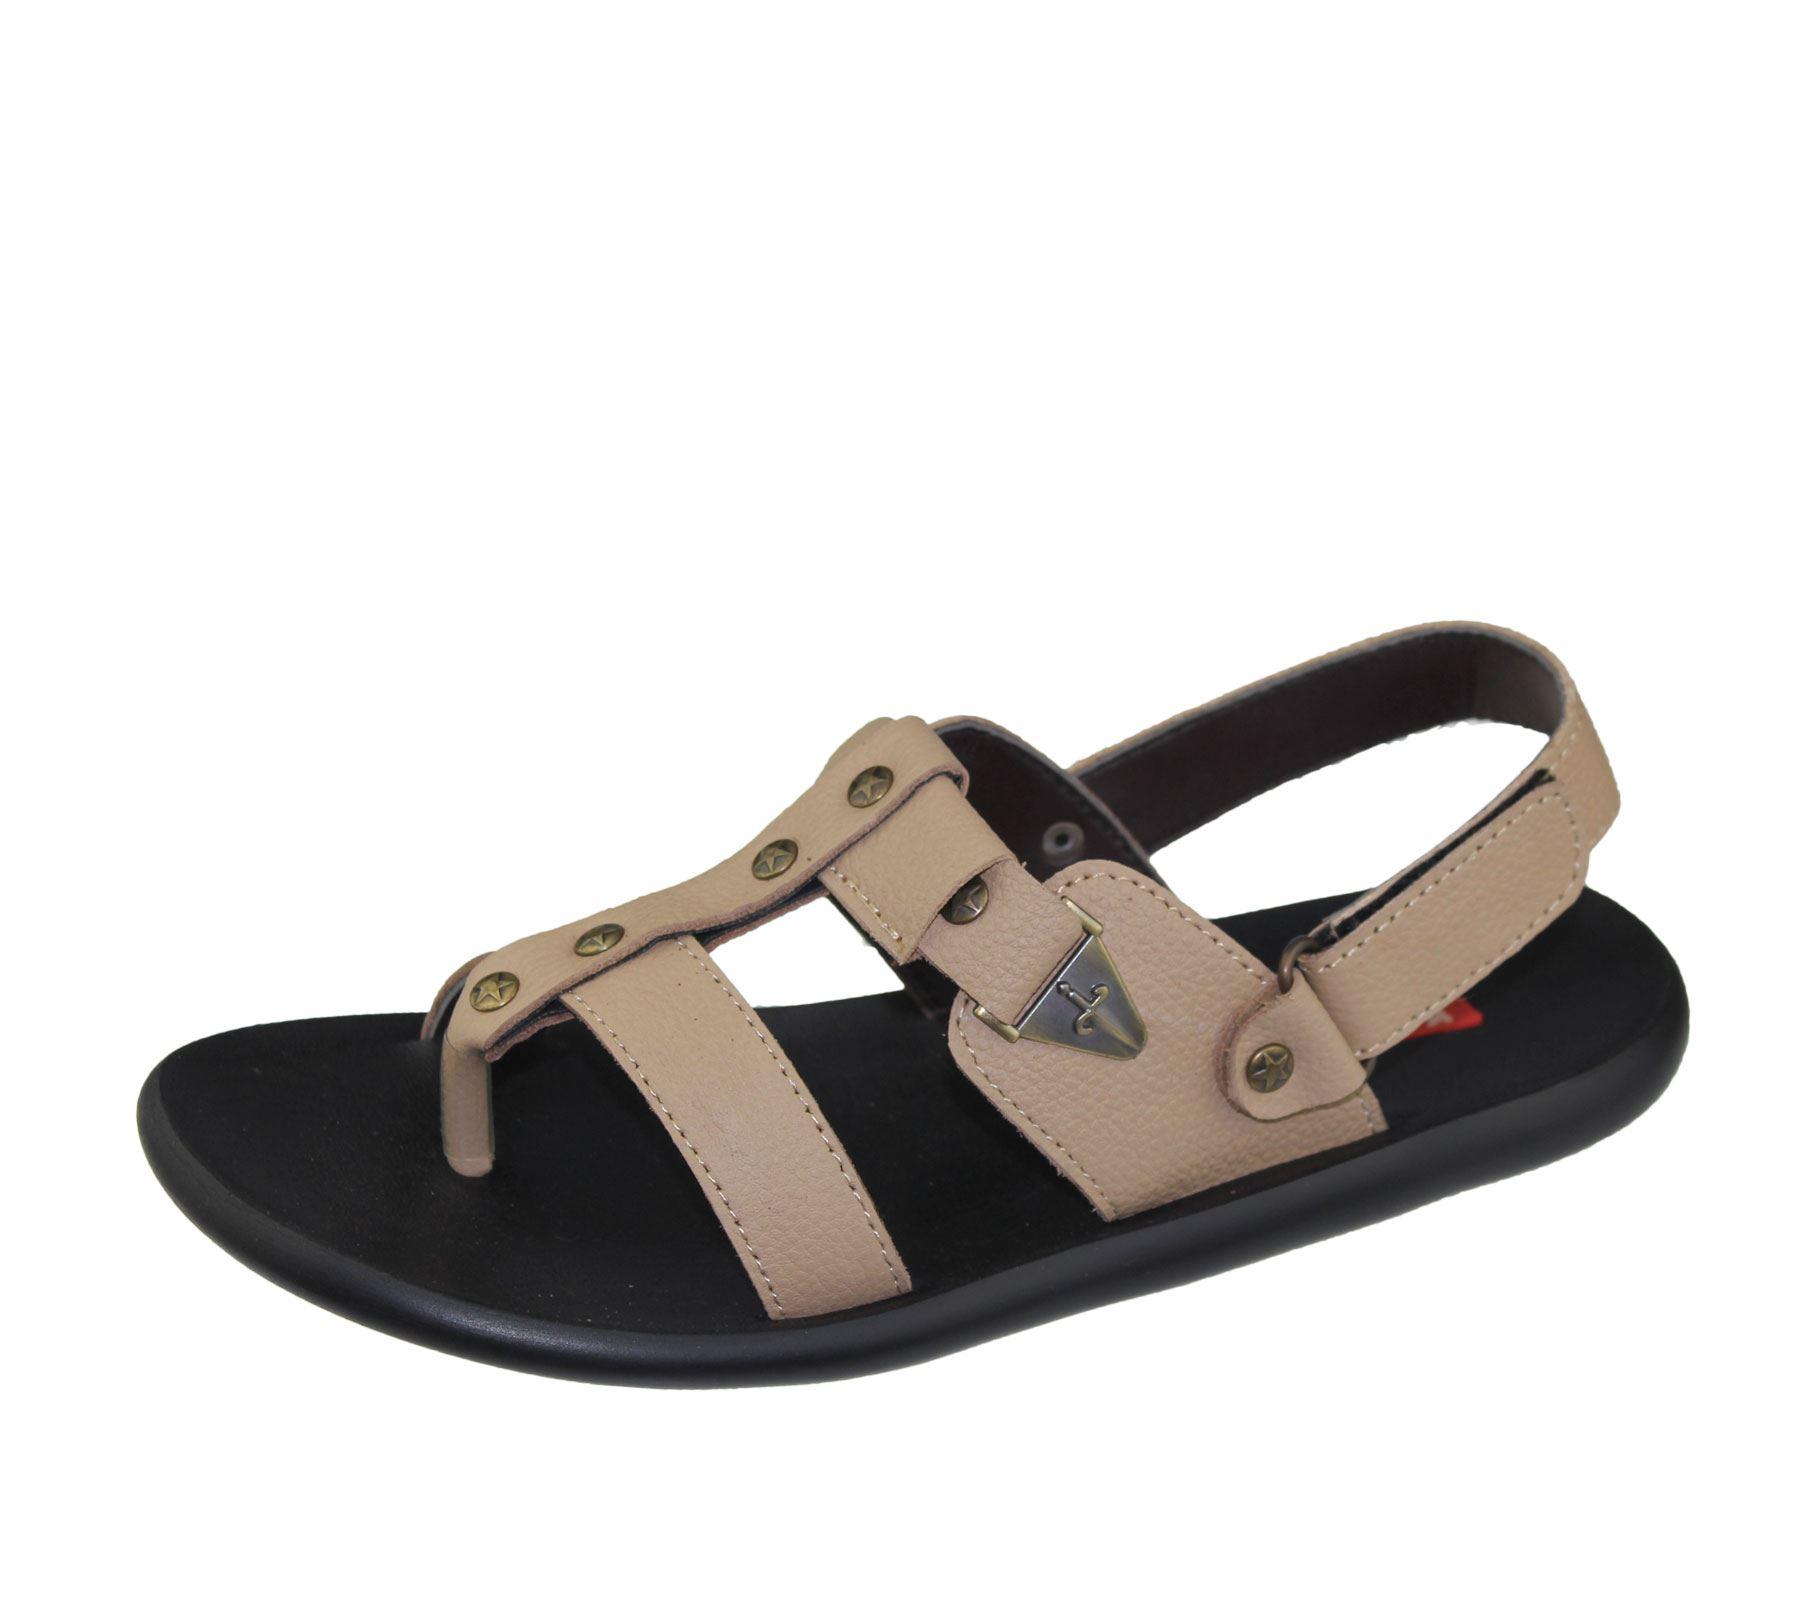 Mens Sandals Casual Beach Fashion Walking Beach